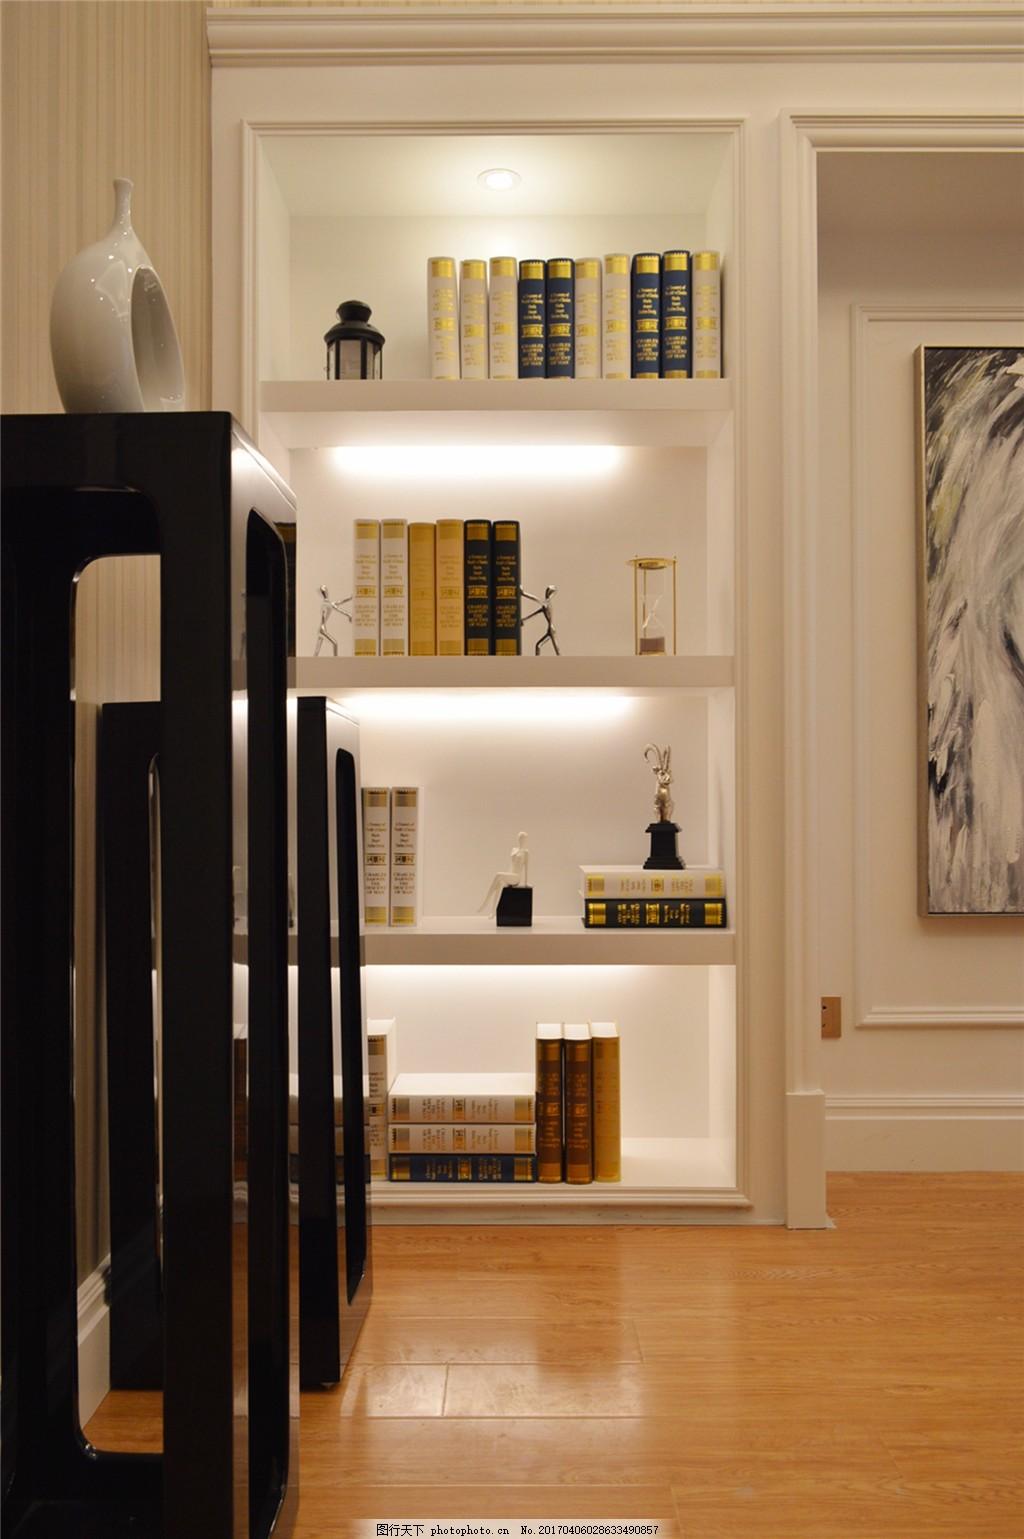 书架室内设计家装效果图 书本 白色 装潢效果 黄色地板 可爱小人